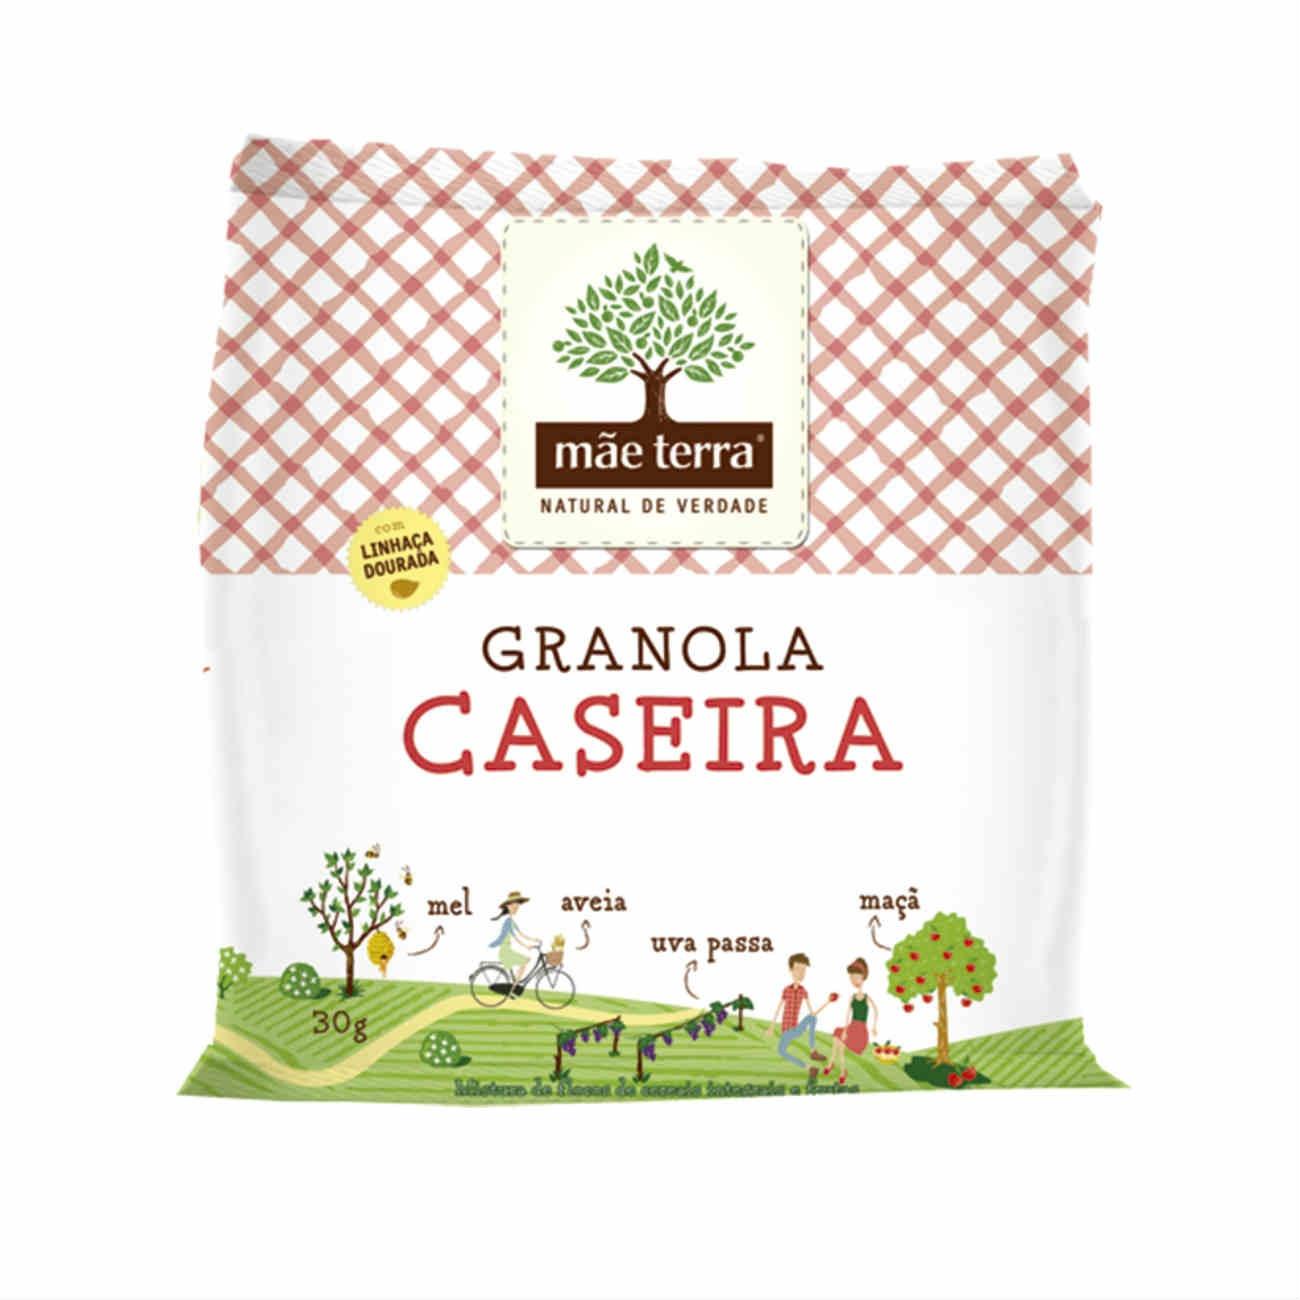 Granola M�e Terra Caseira 30g